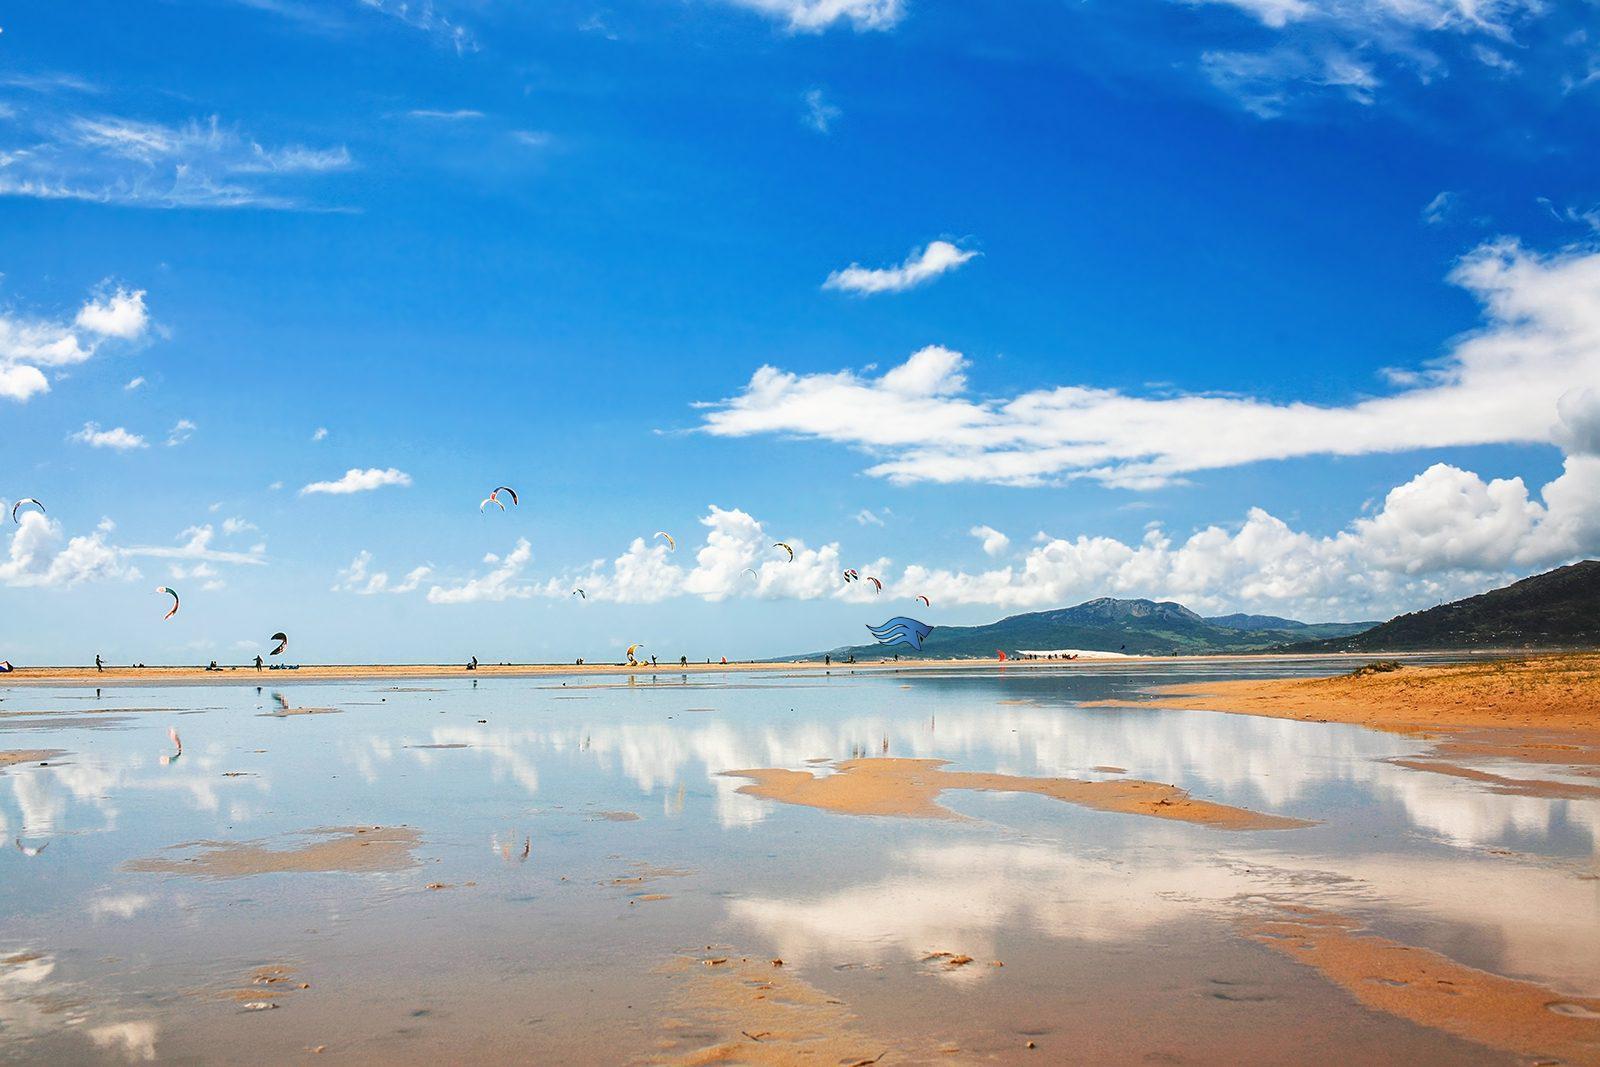 Actividades de playa en Valdevaqueros Tarifa Cadiz